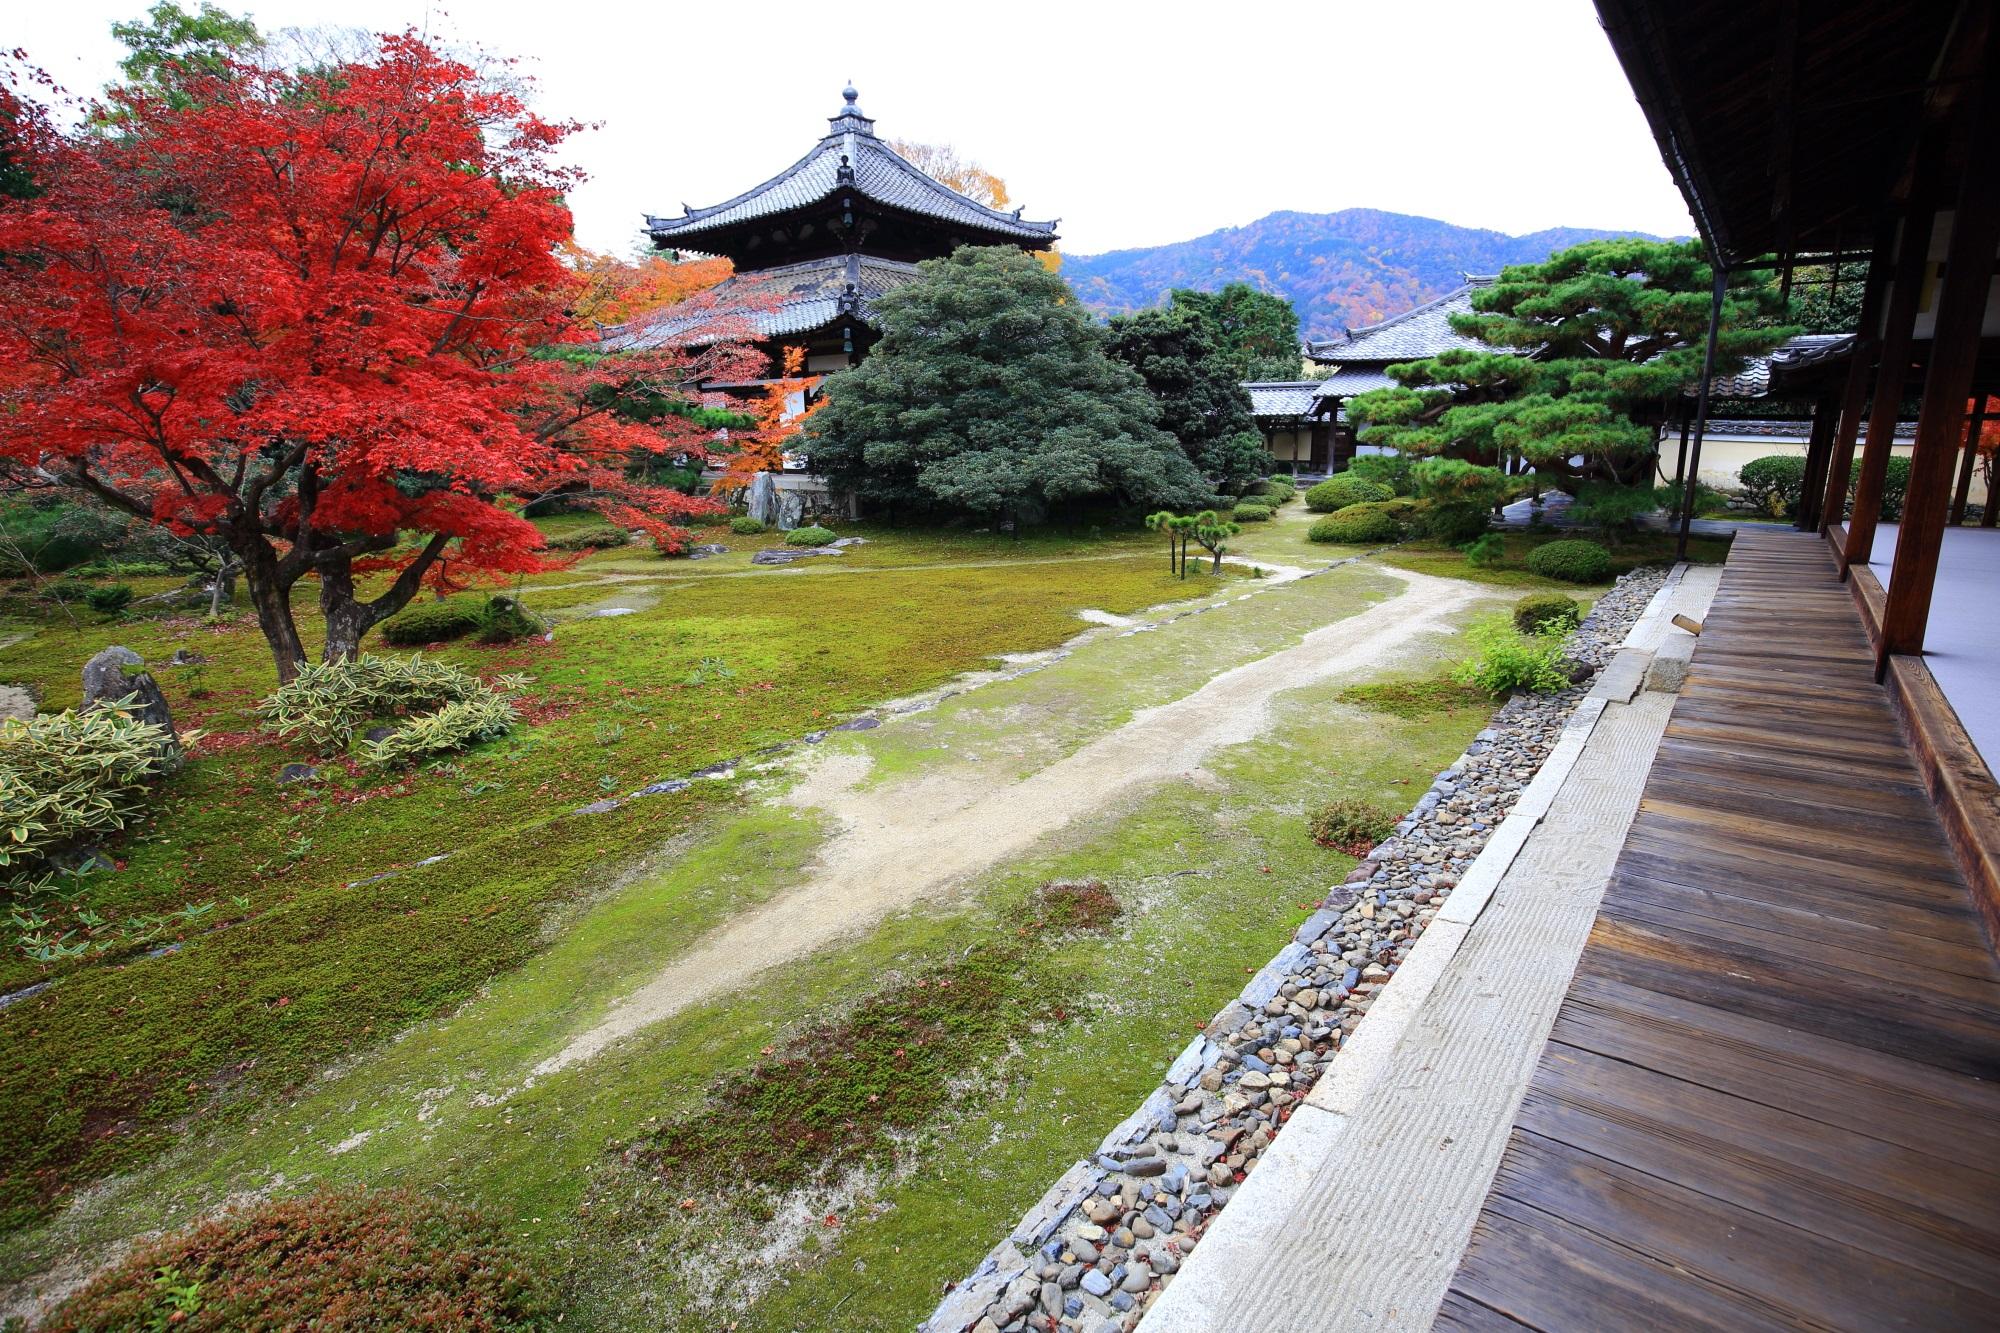 もみじの穴場の嵐山の鹿王院の舎利殿と優雅な見ごろの紅葉